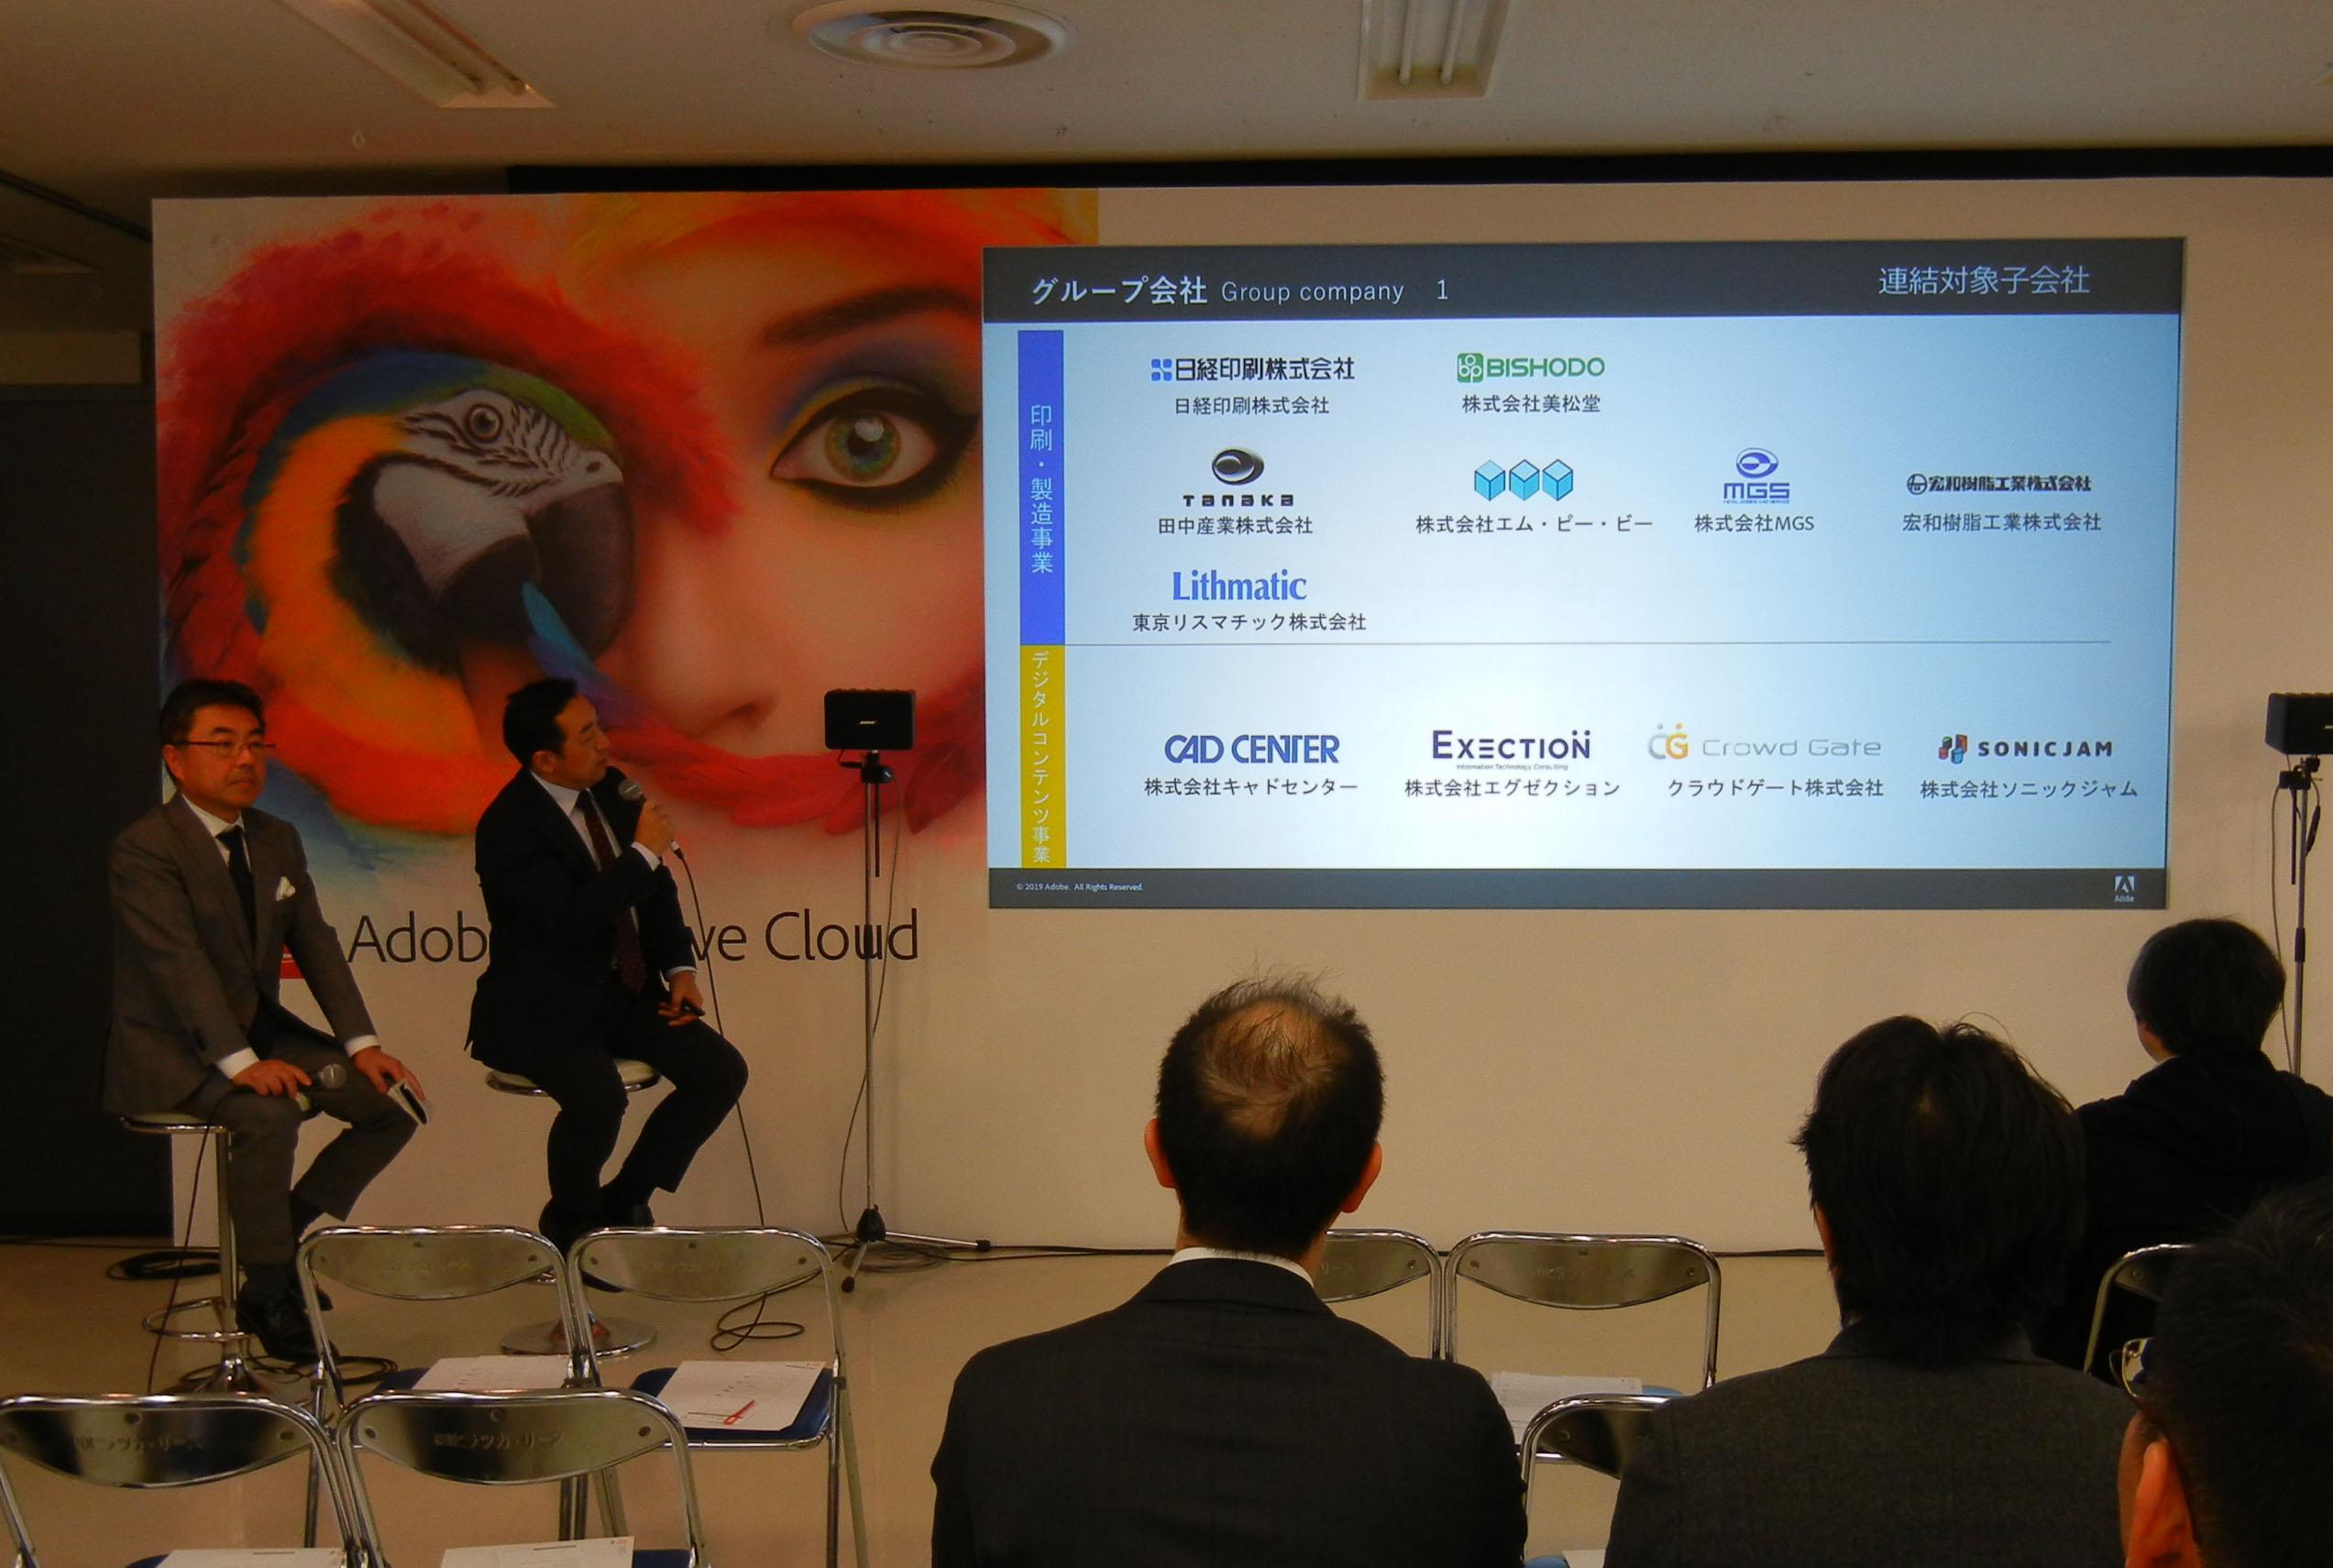 7日のセッションでは日本創発グループと東京リスマチックが登壇